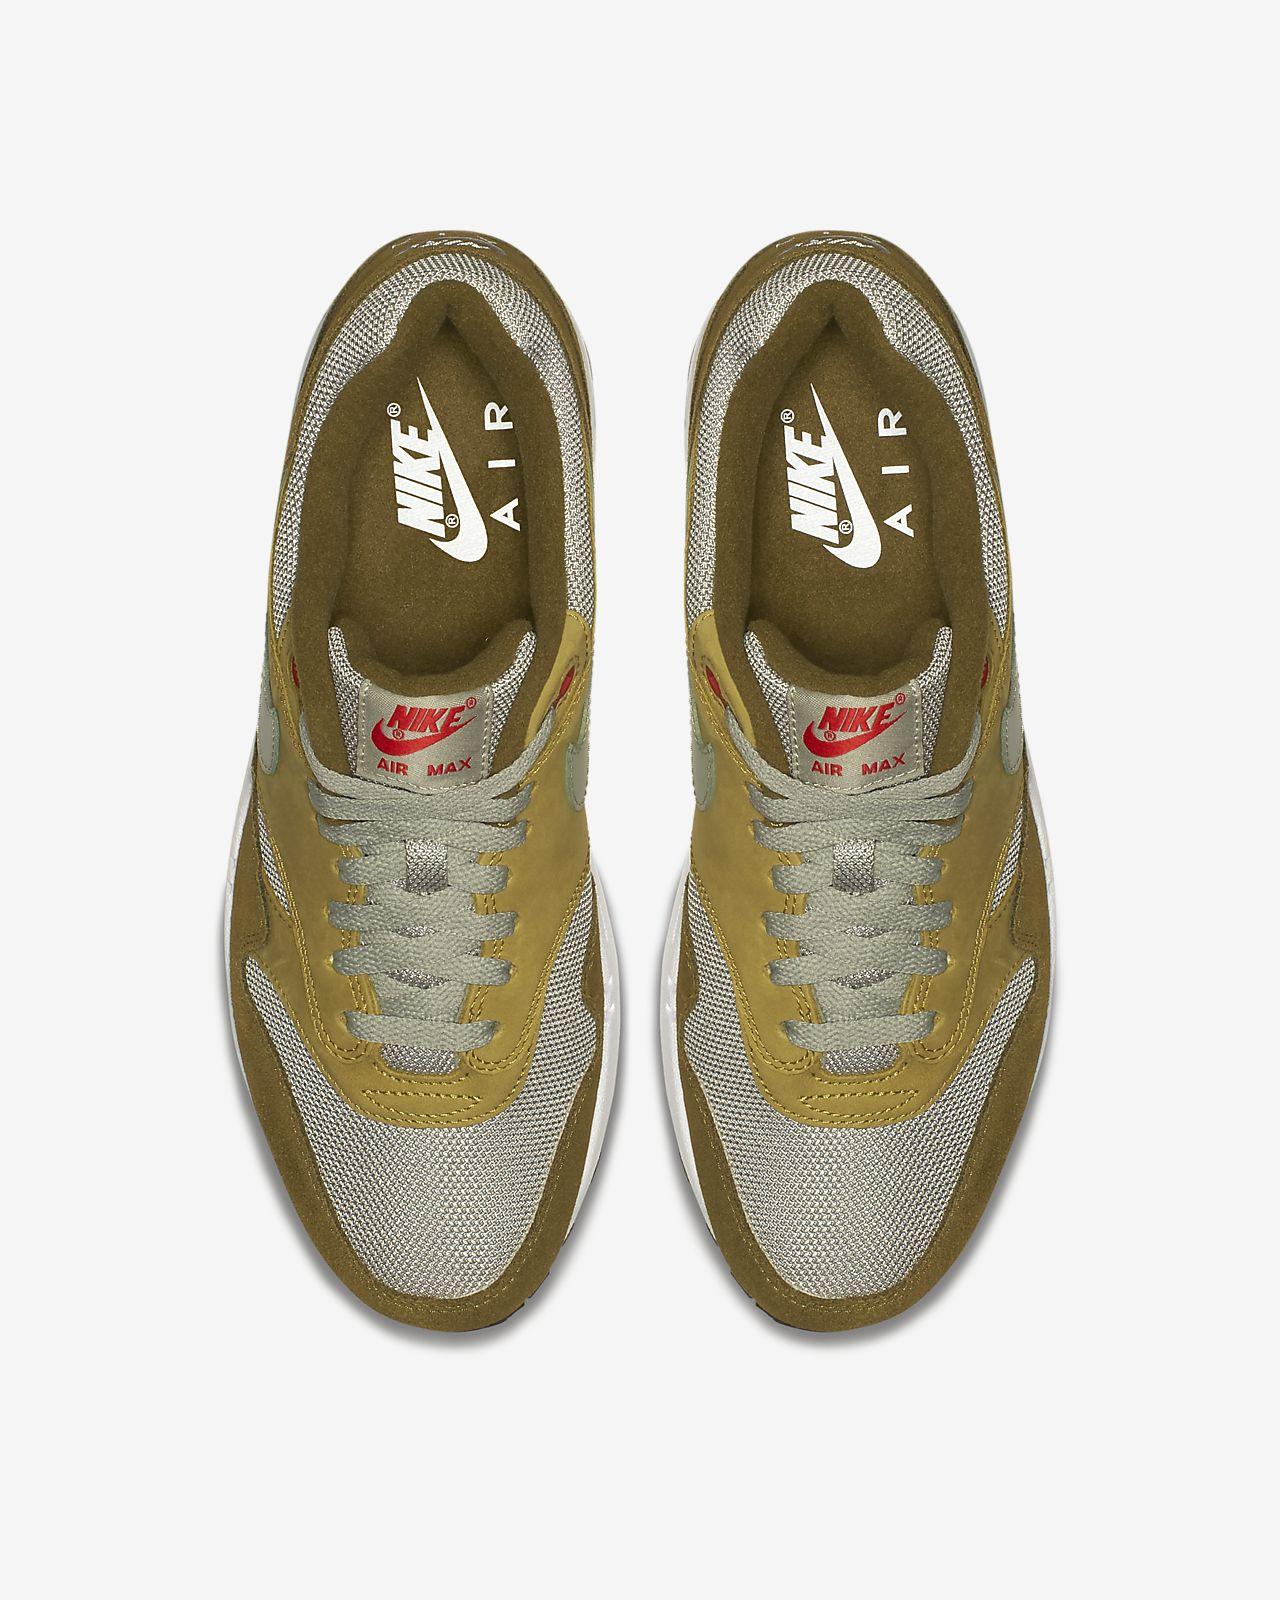 ... Chaussure Nike Air Max 1 Premium Retro pour Homme